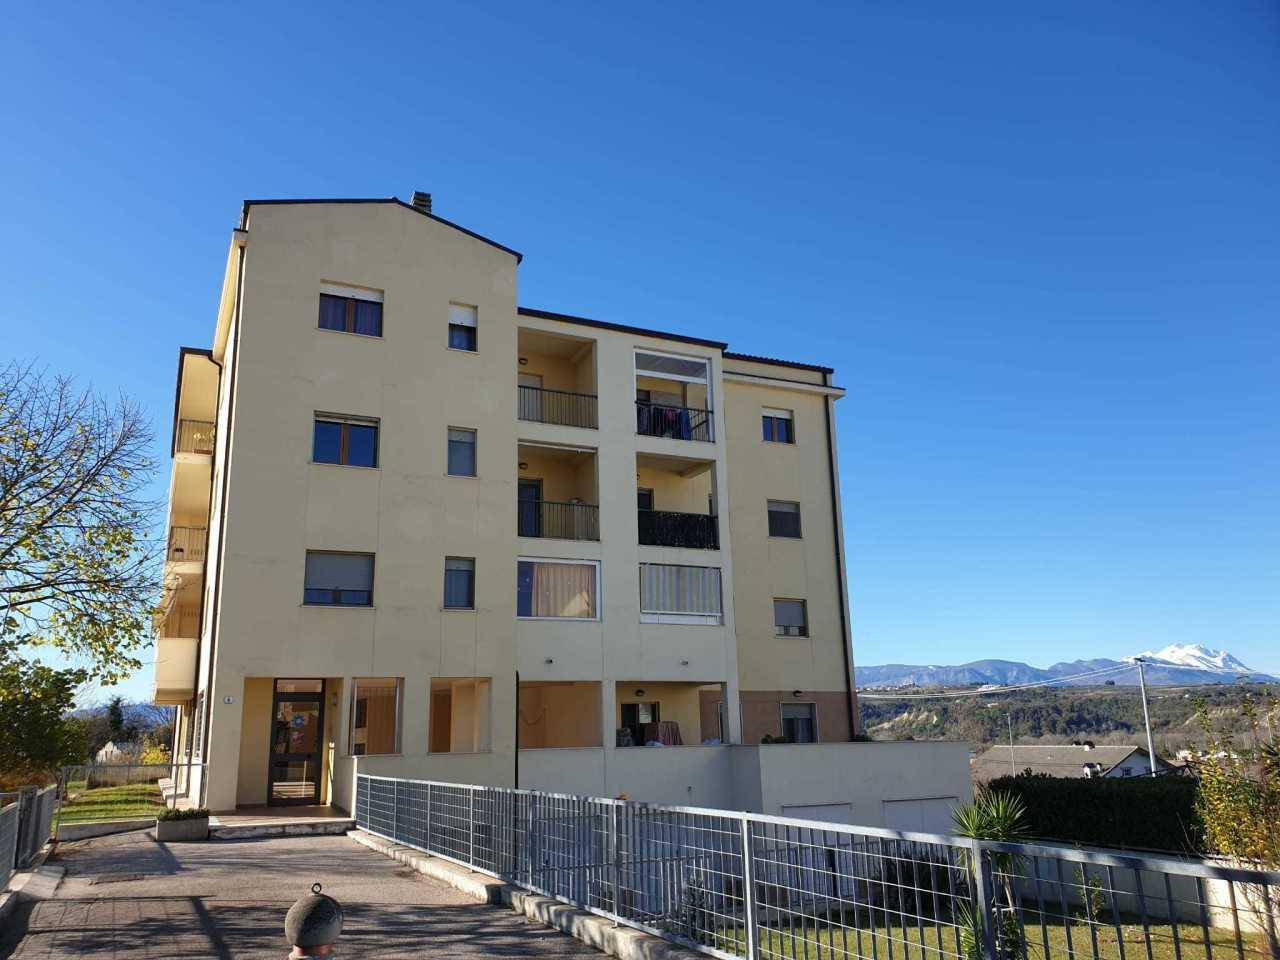 Appartamento in vendita a Chieti, 4 locali, prezzo € 113.000 | PortaleAgenzieImmobiliari.it